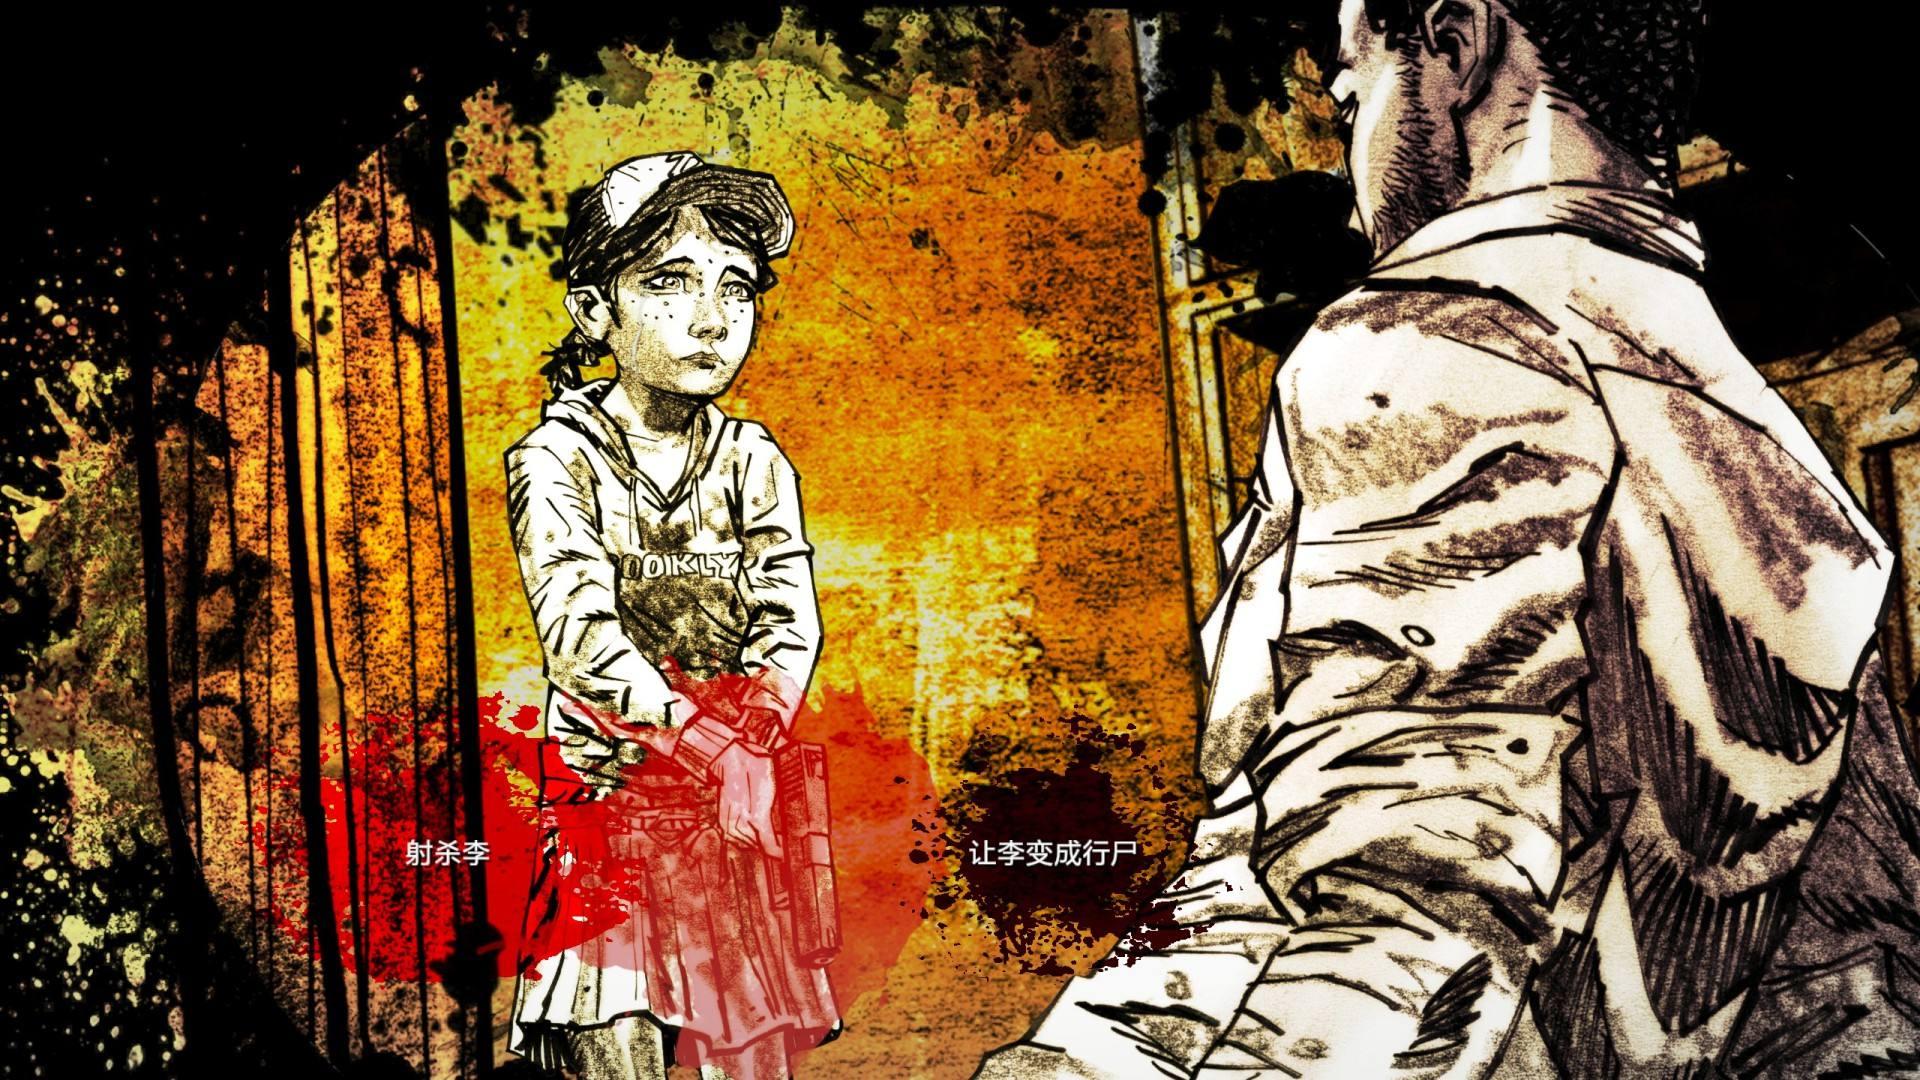 《行尸走肉:最終季》第1章評測大姑娘帶熊孩子